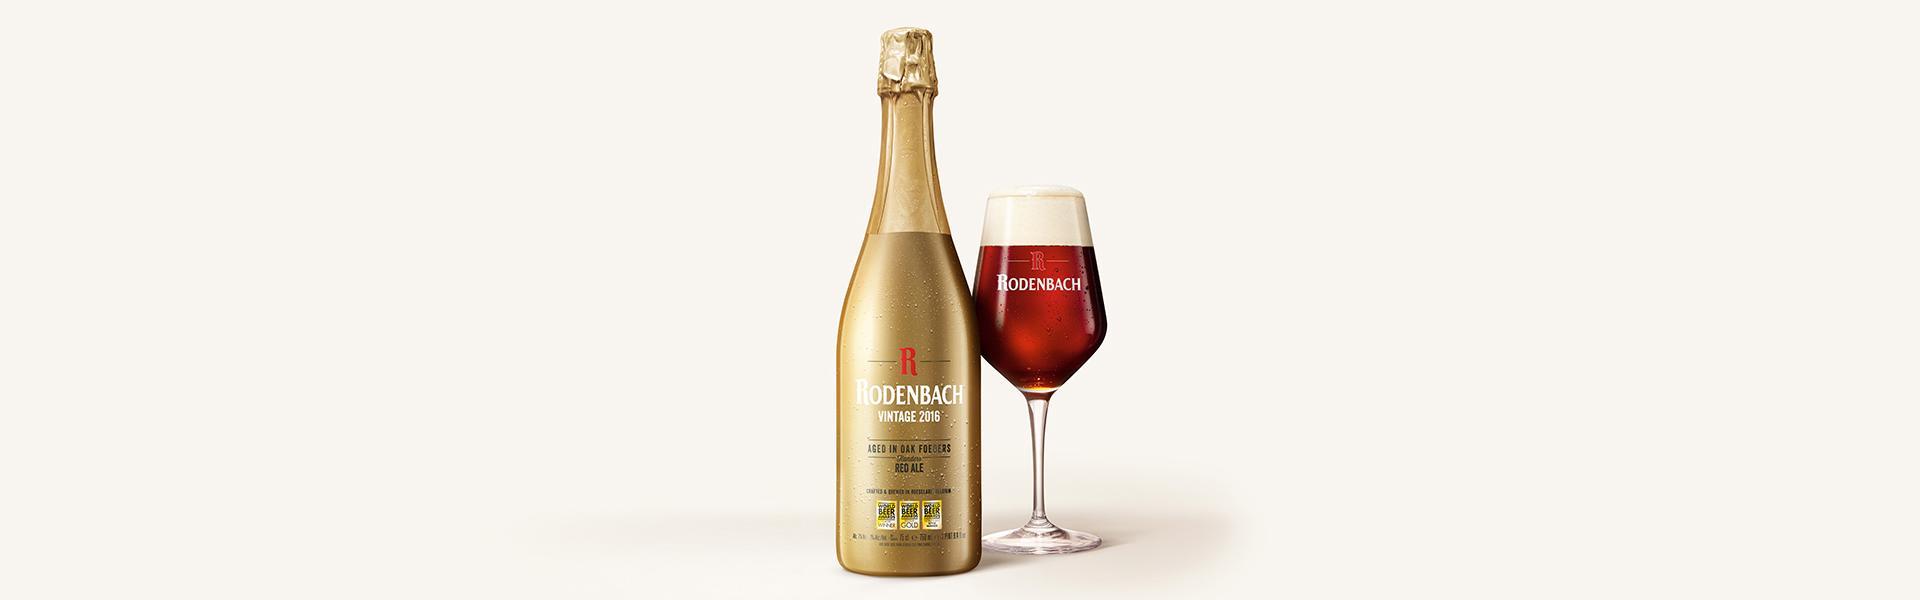 Rodenbach Vintage 2016 – prisbelönt årgångsöl från legendariska bryggeriet